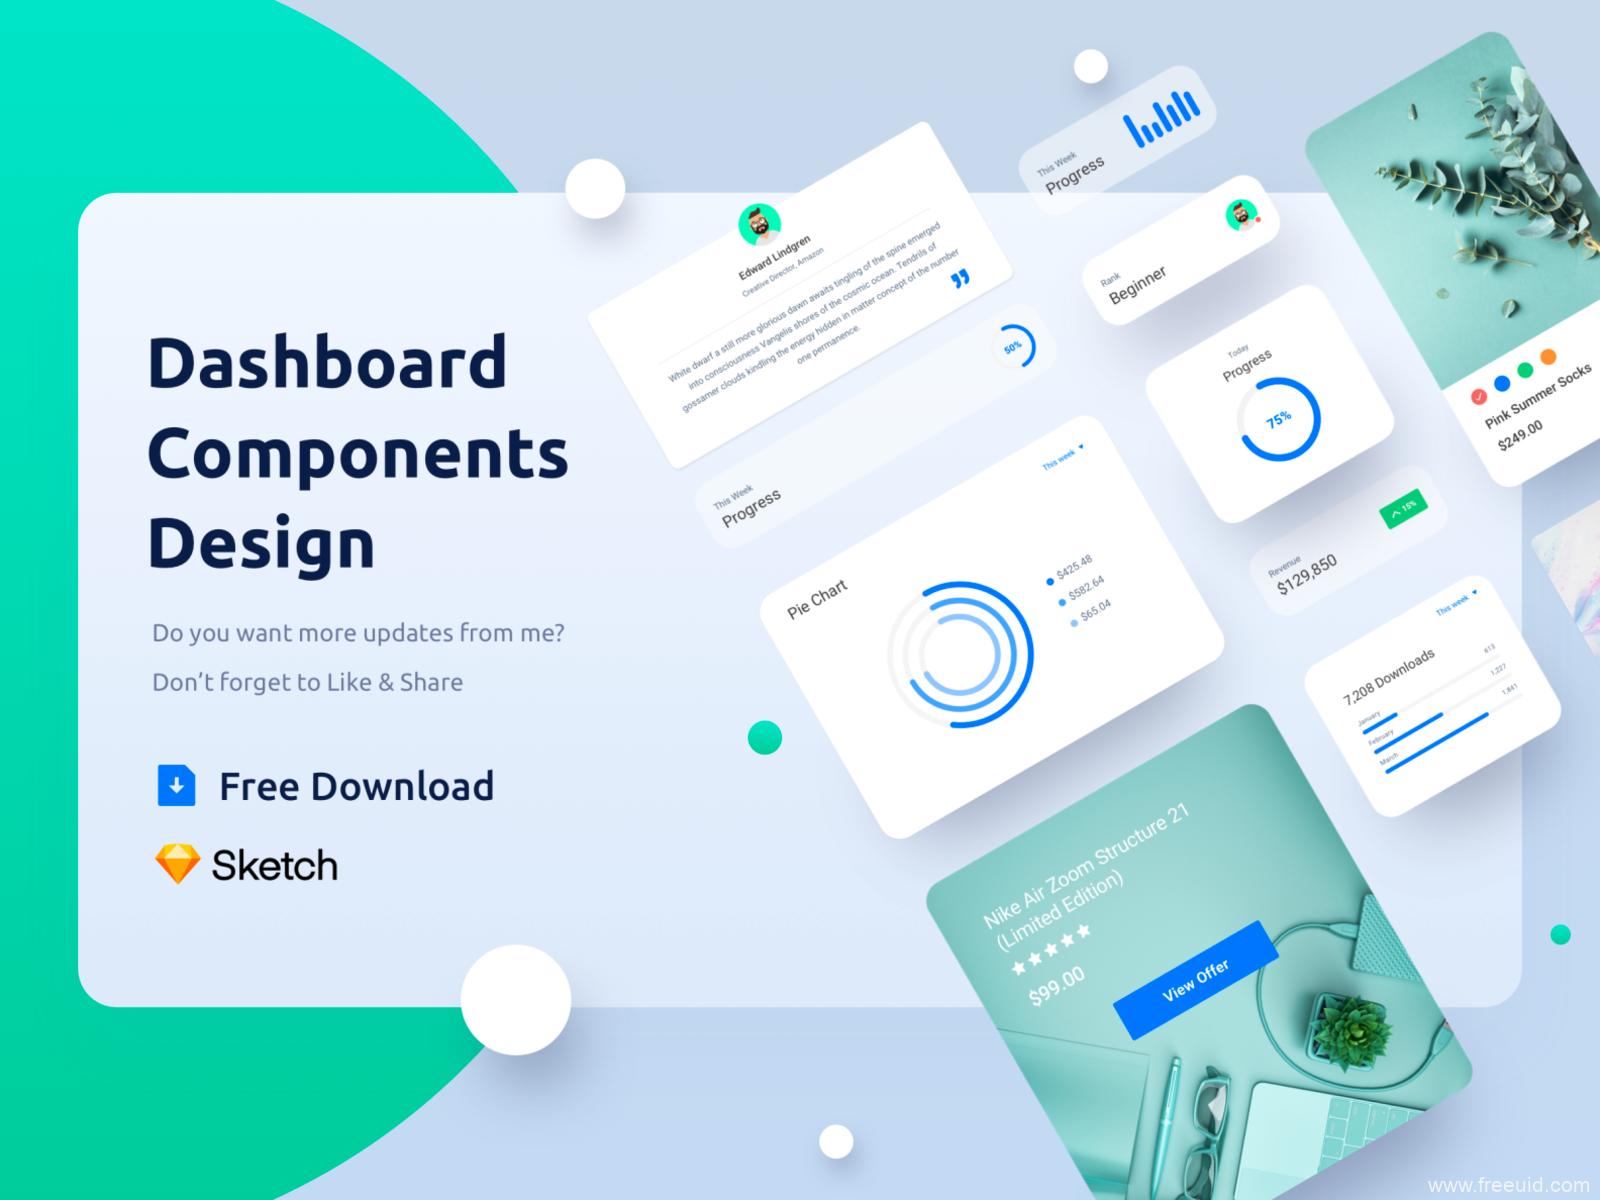 后台Dashboard UI组件下载,Dashboard UI资源下载,DashboardUI 源文件下载,sketch源文件下载